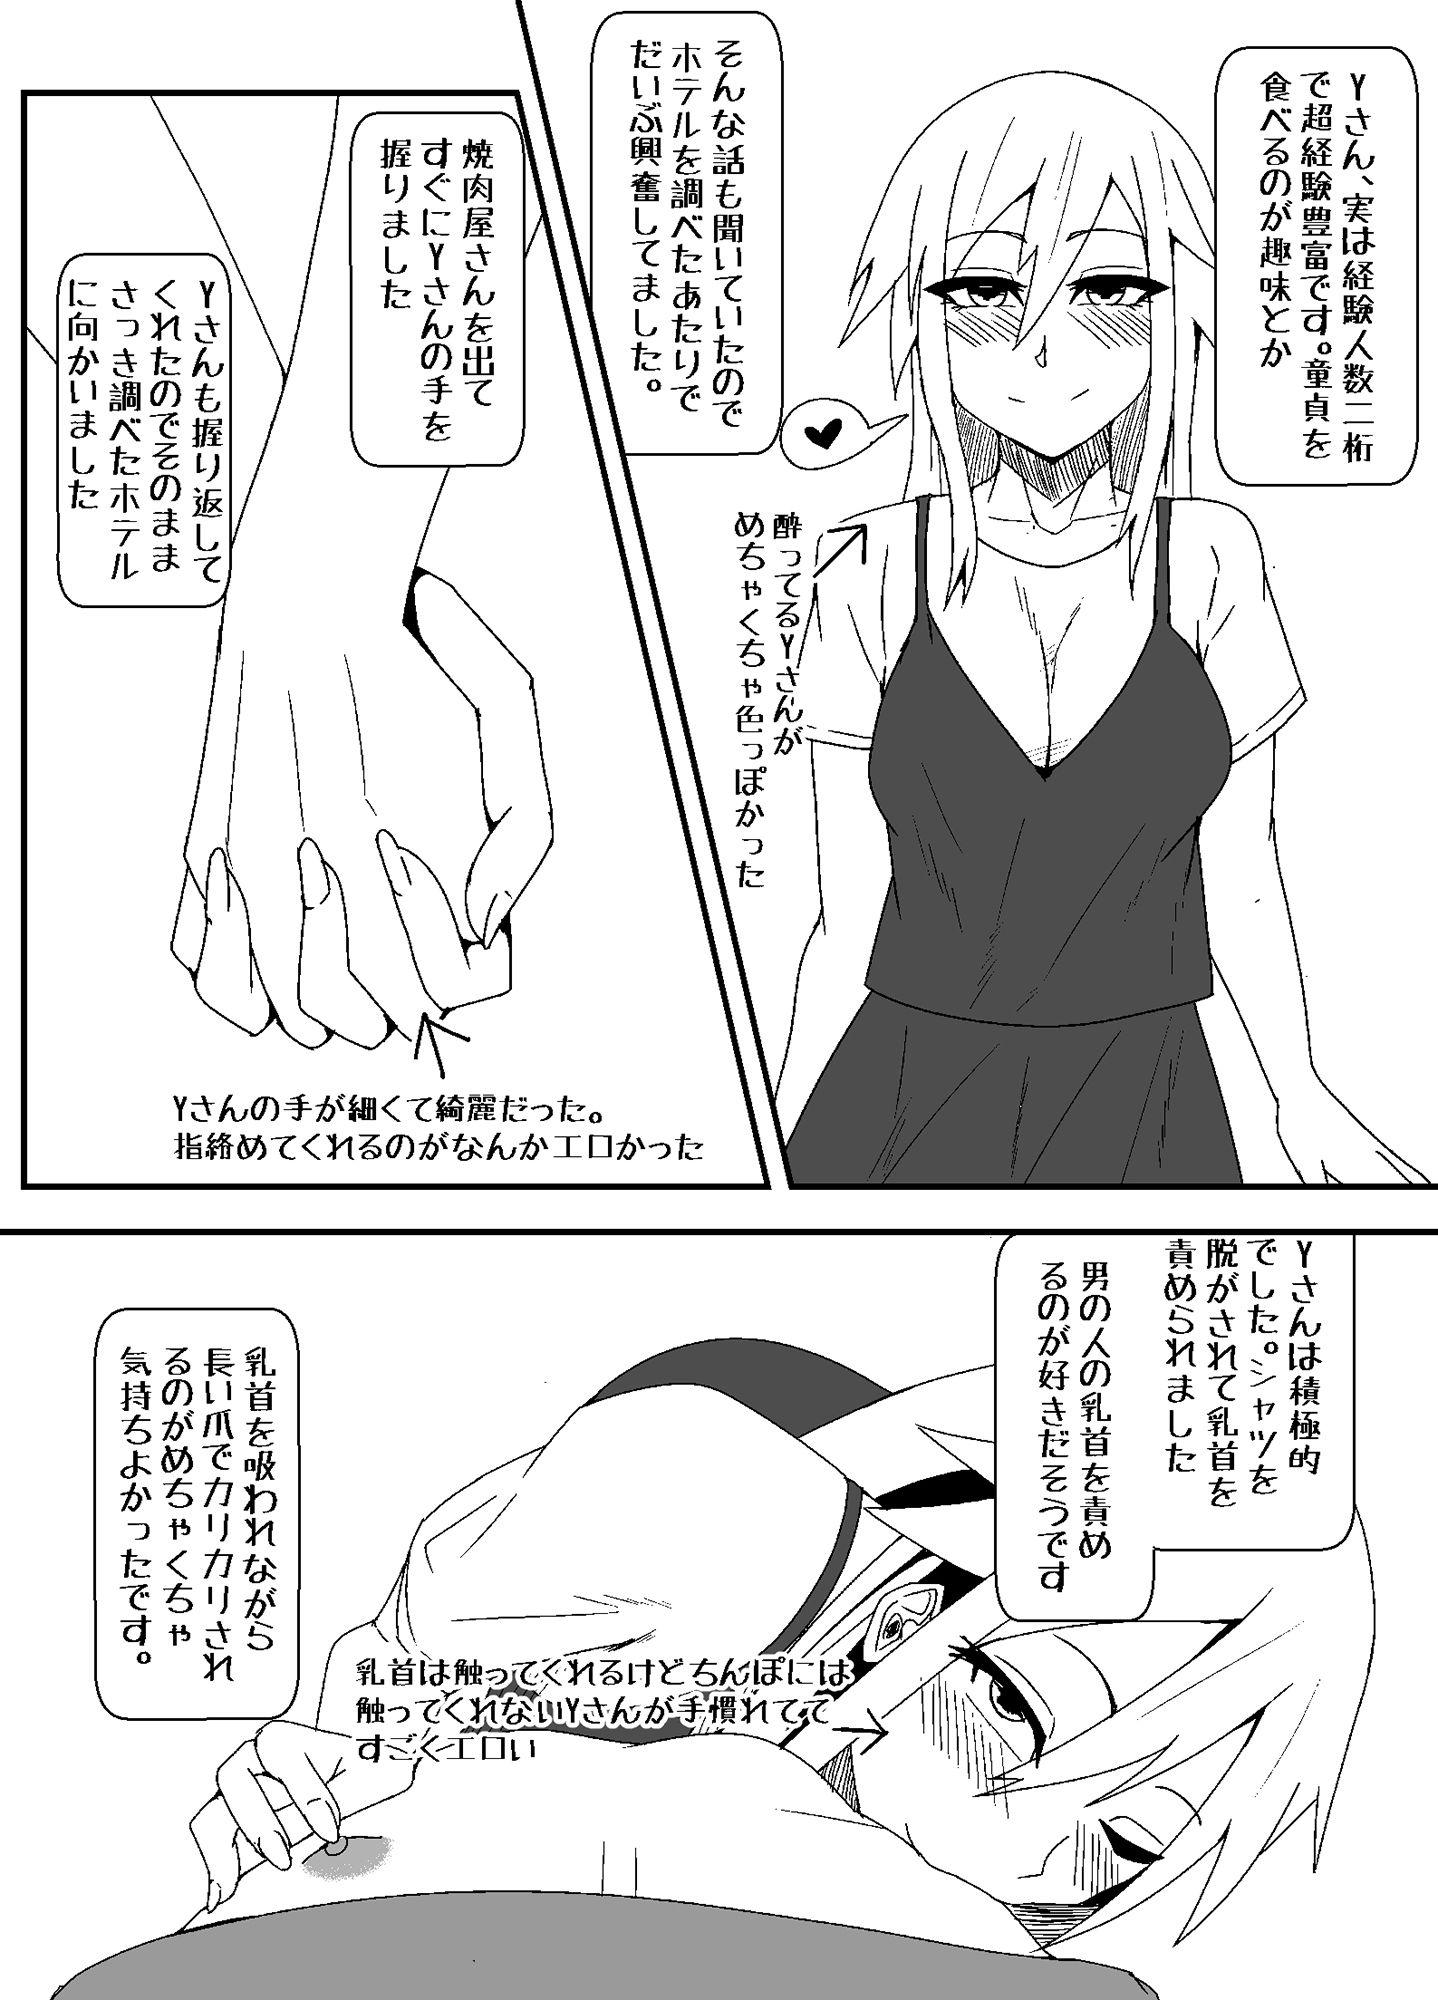 【エロ漫画無料大全集】ネットで知り合った子と会ってセックスする、「オフパコ」のエロ漫画がヤバい!